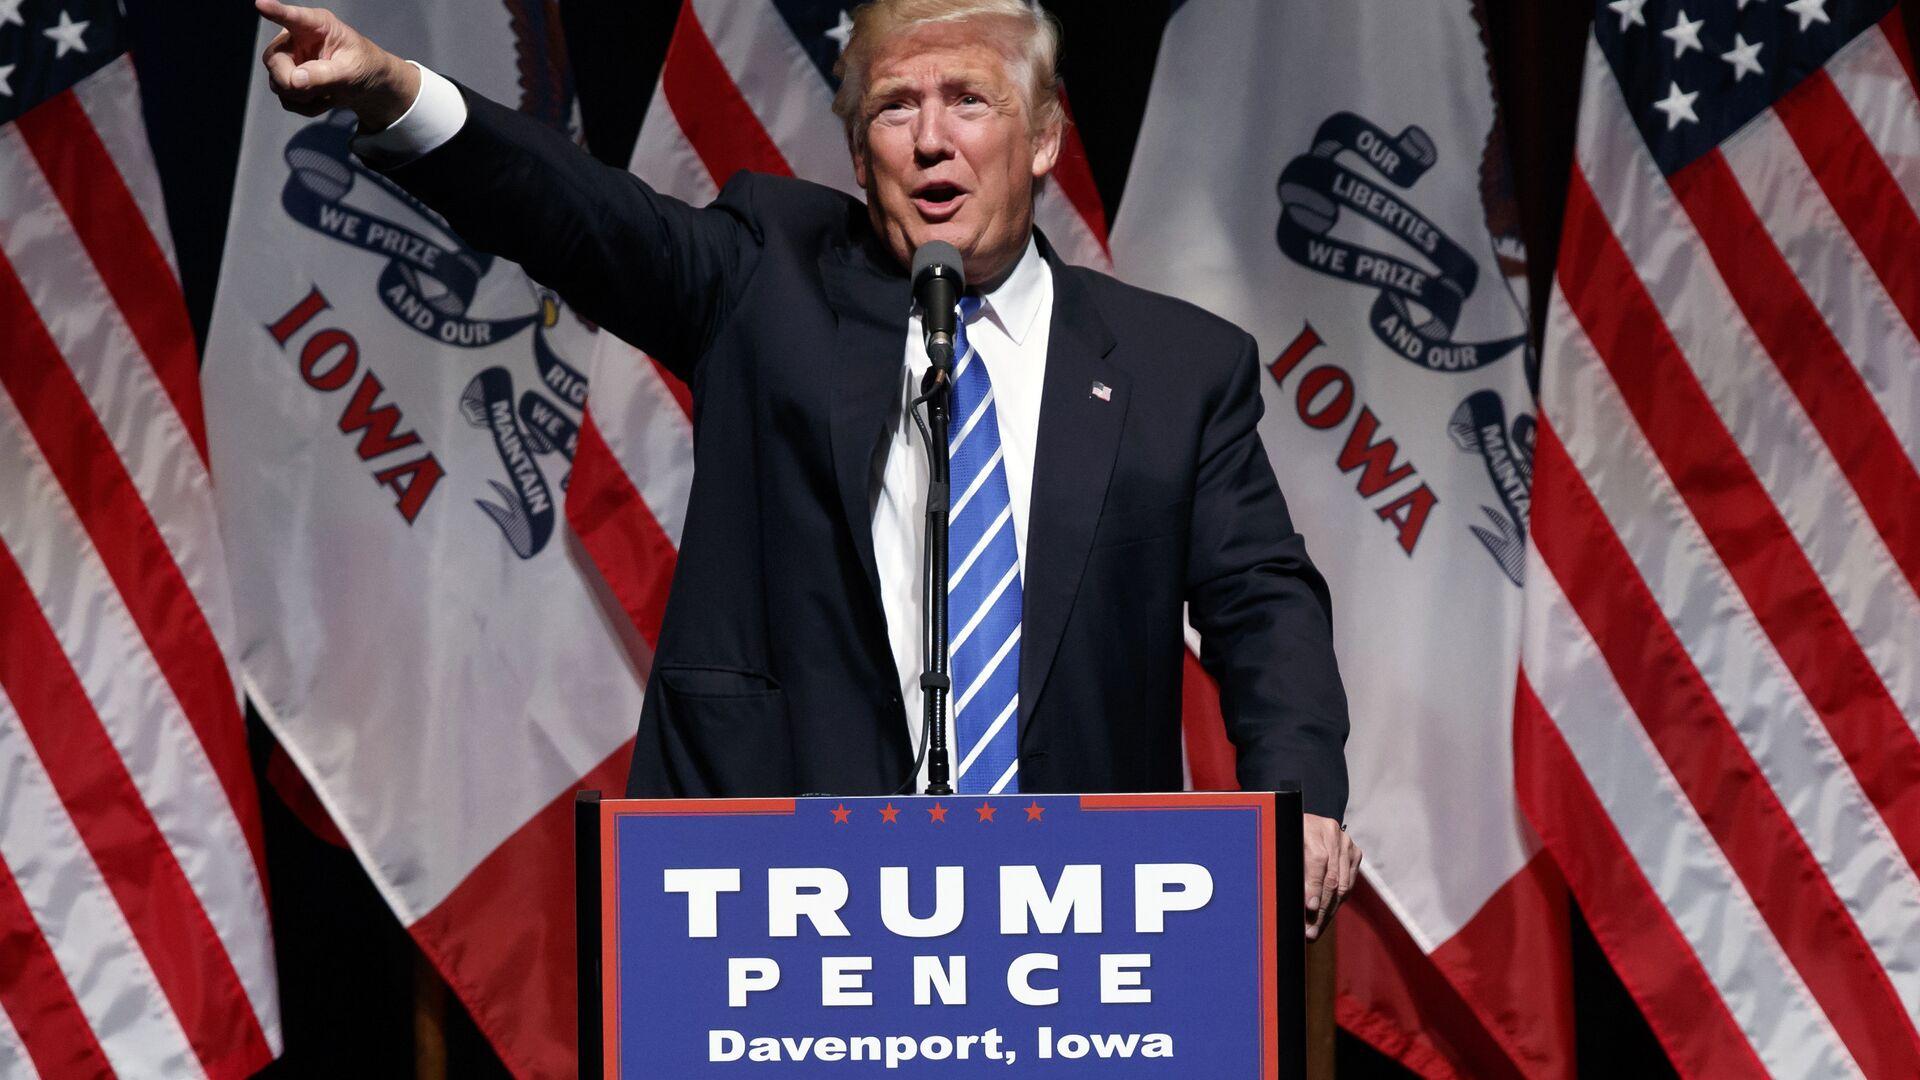 Кандидат в президенты США от Республиканской партии Дональд Трамп. 28 июля 2016 - РИА Новости, 1920, 28.01.2021